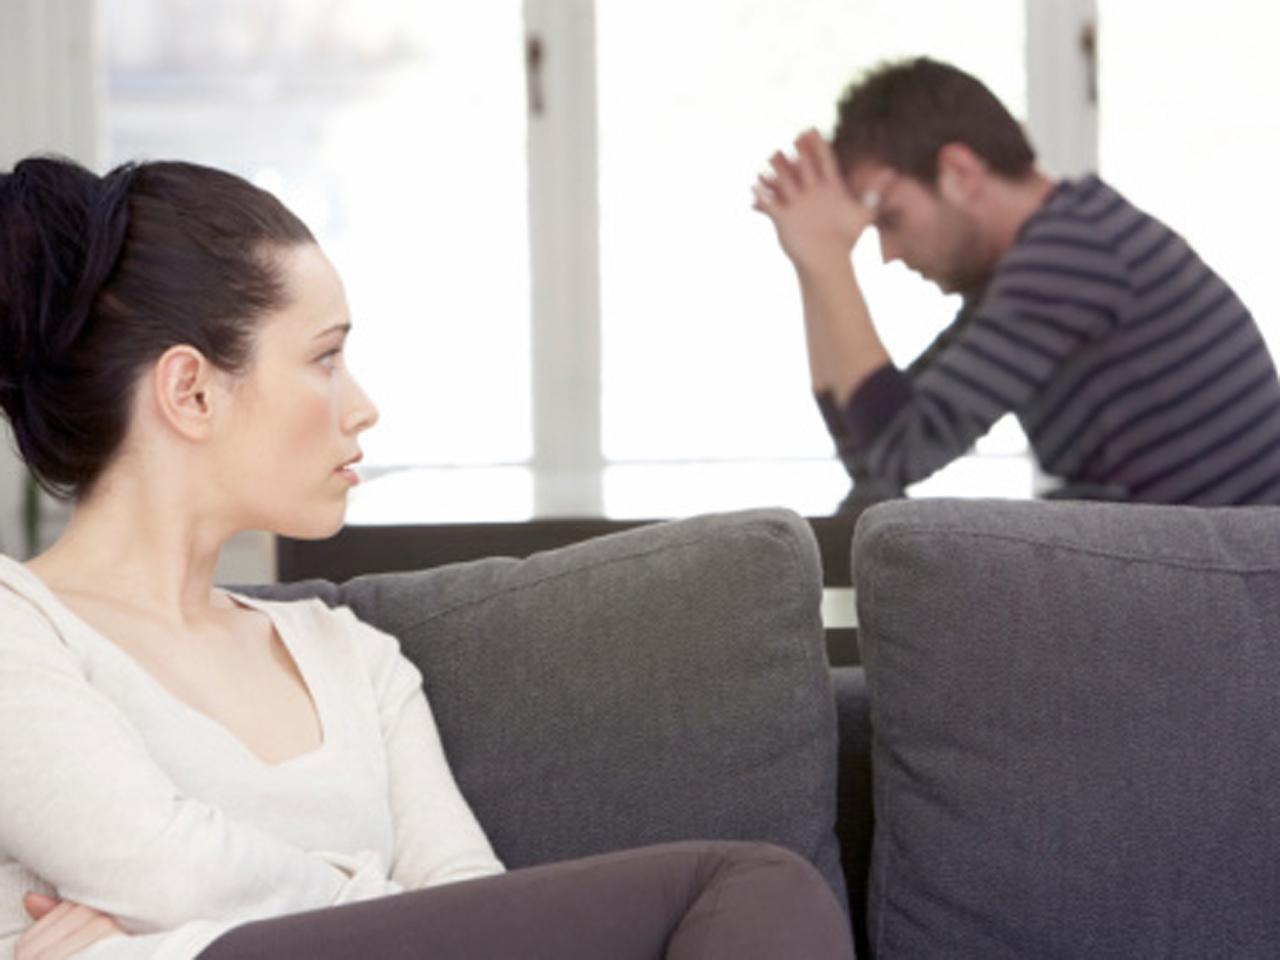 meska_depresja_5-1 Как жениху признаться в том что он передумал жениться?